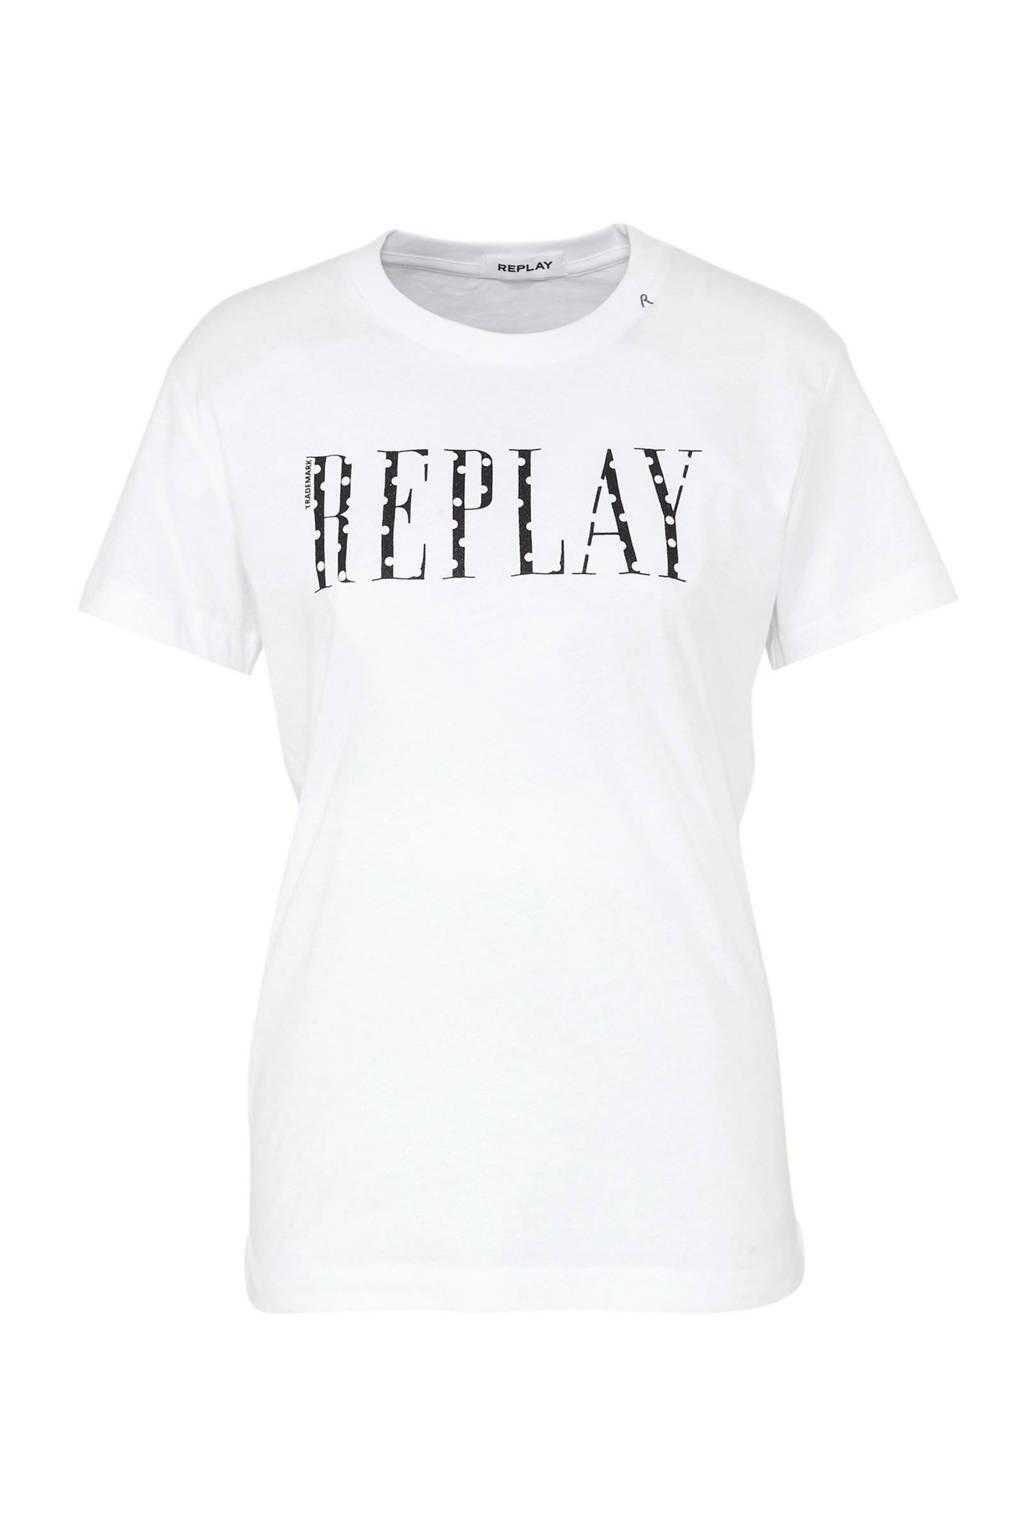 REPLAY glitter T-shirt met logo wit/zwart, Wit/zwart